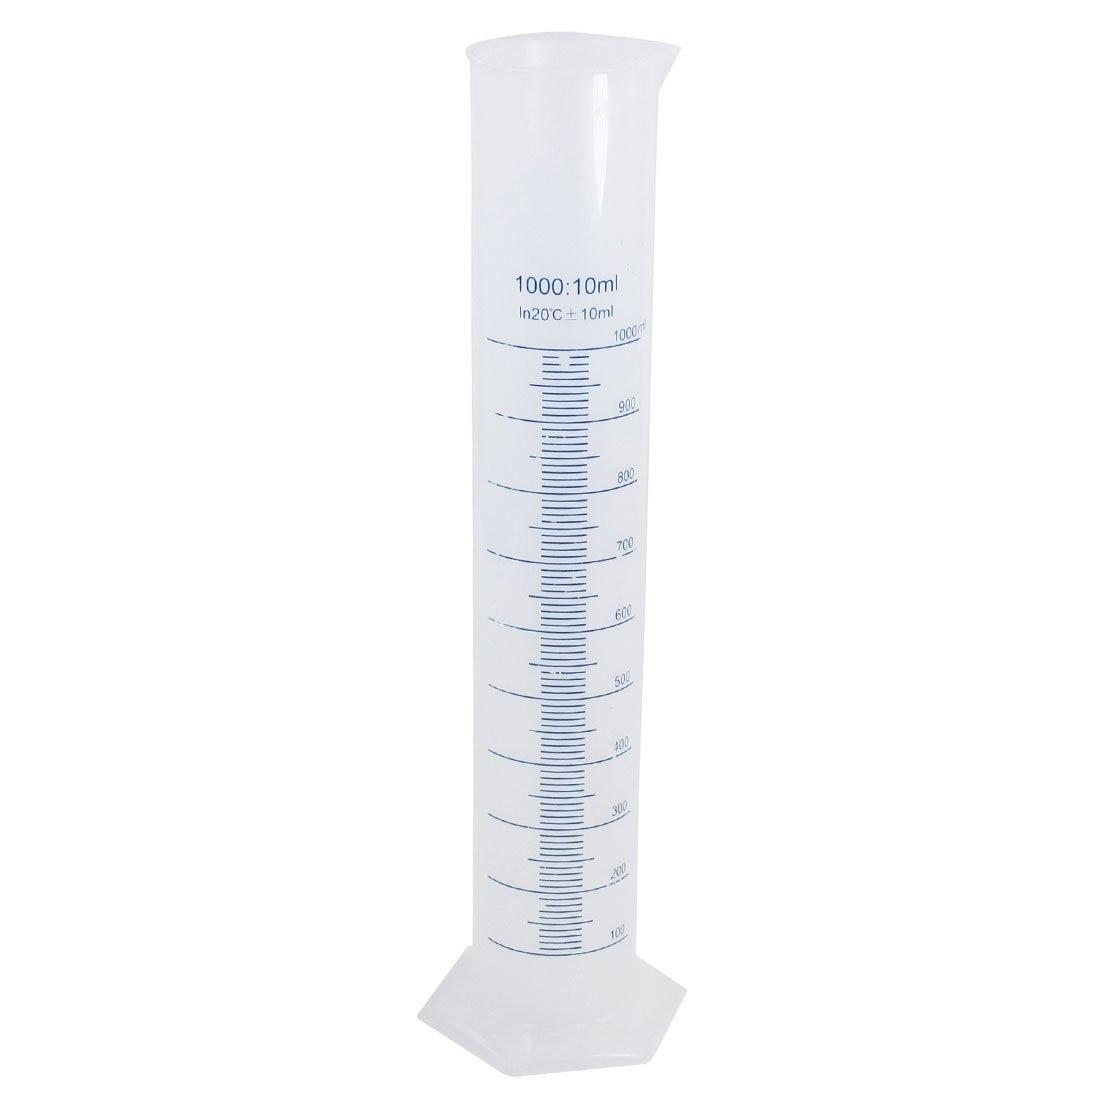 High 41 Centimeter 1000 Milliliter Meter Plastic Measuring Cylinder